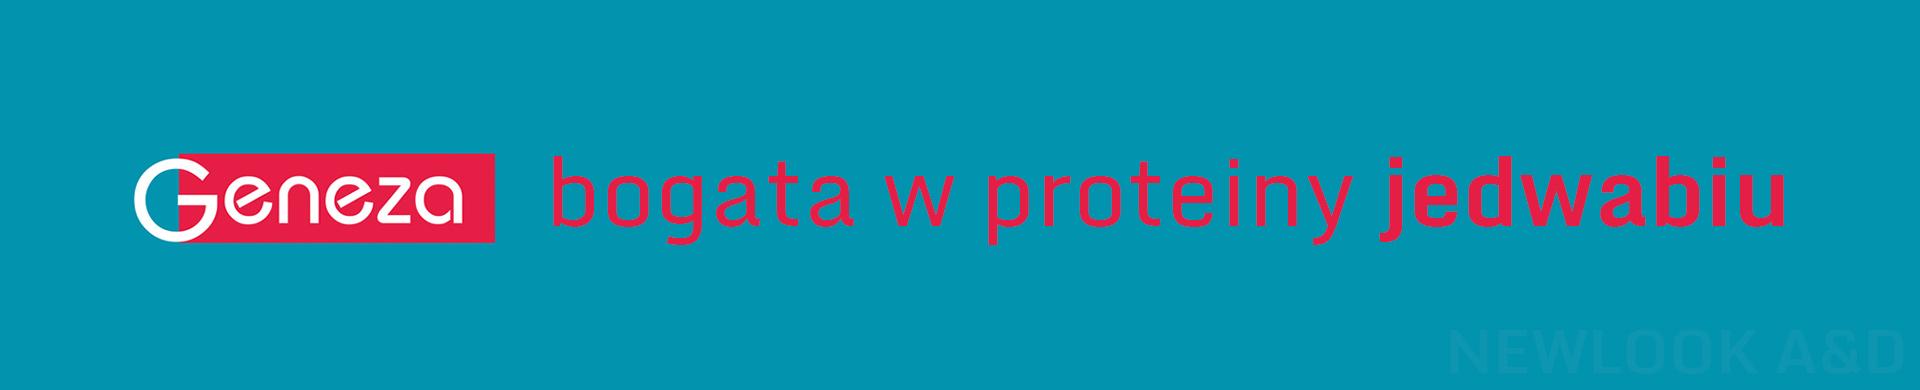 Farny geneza bogate w proteiny